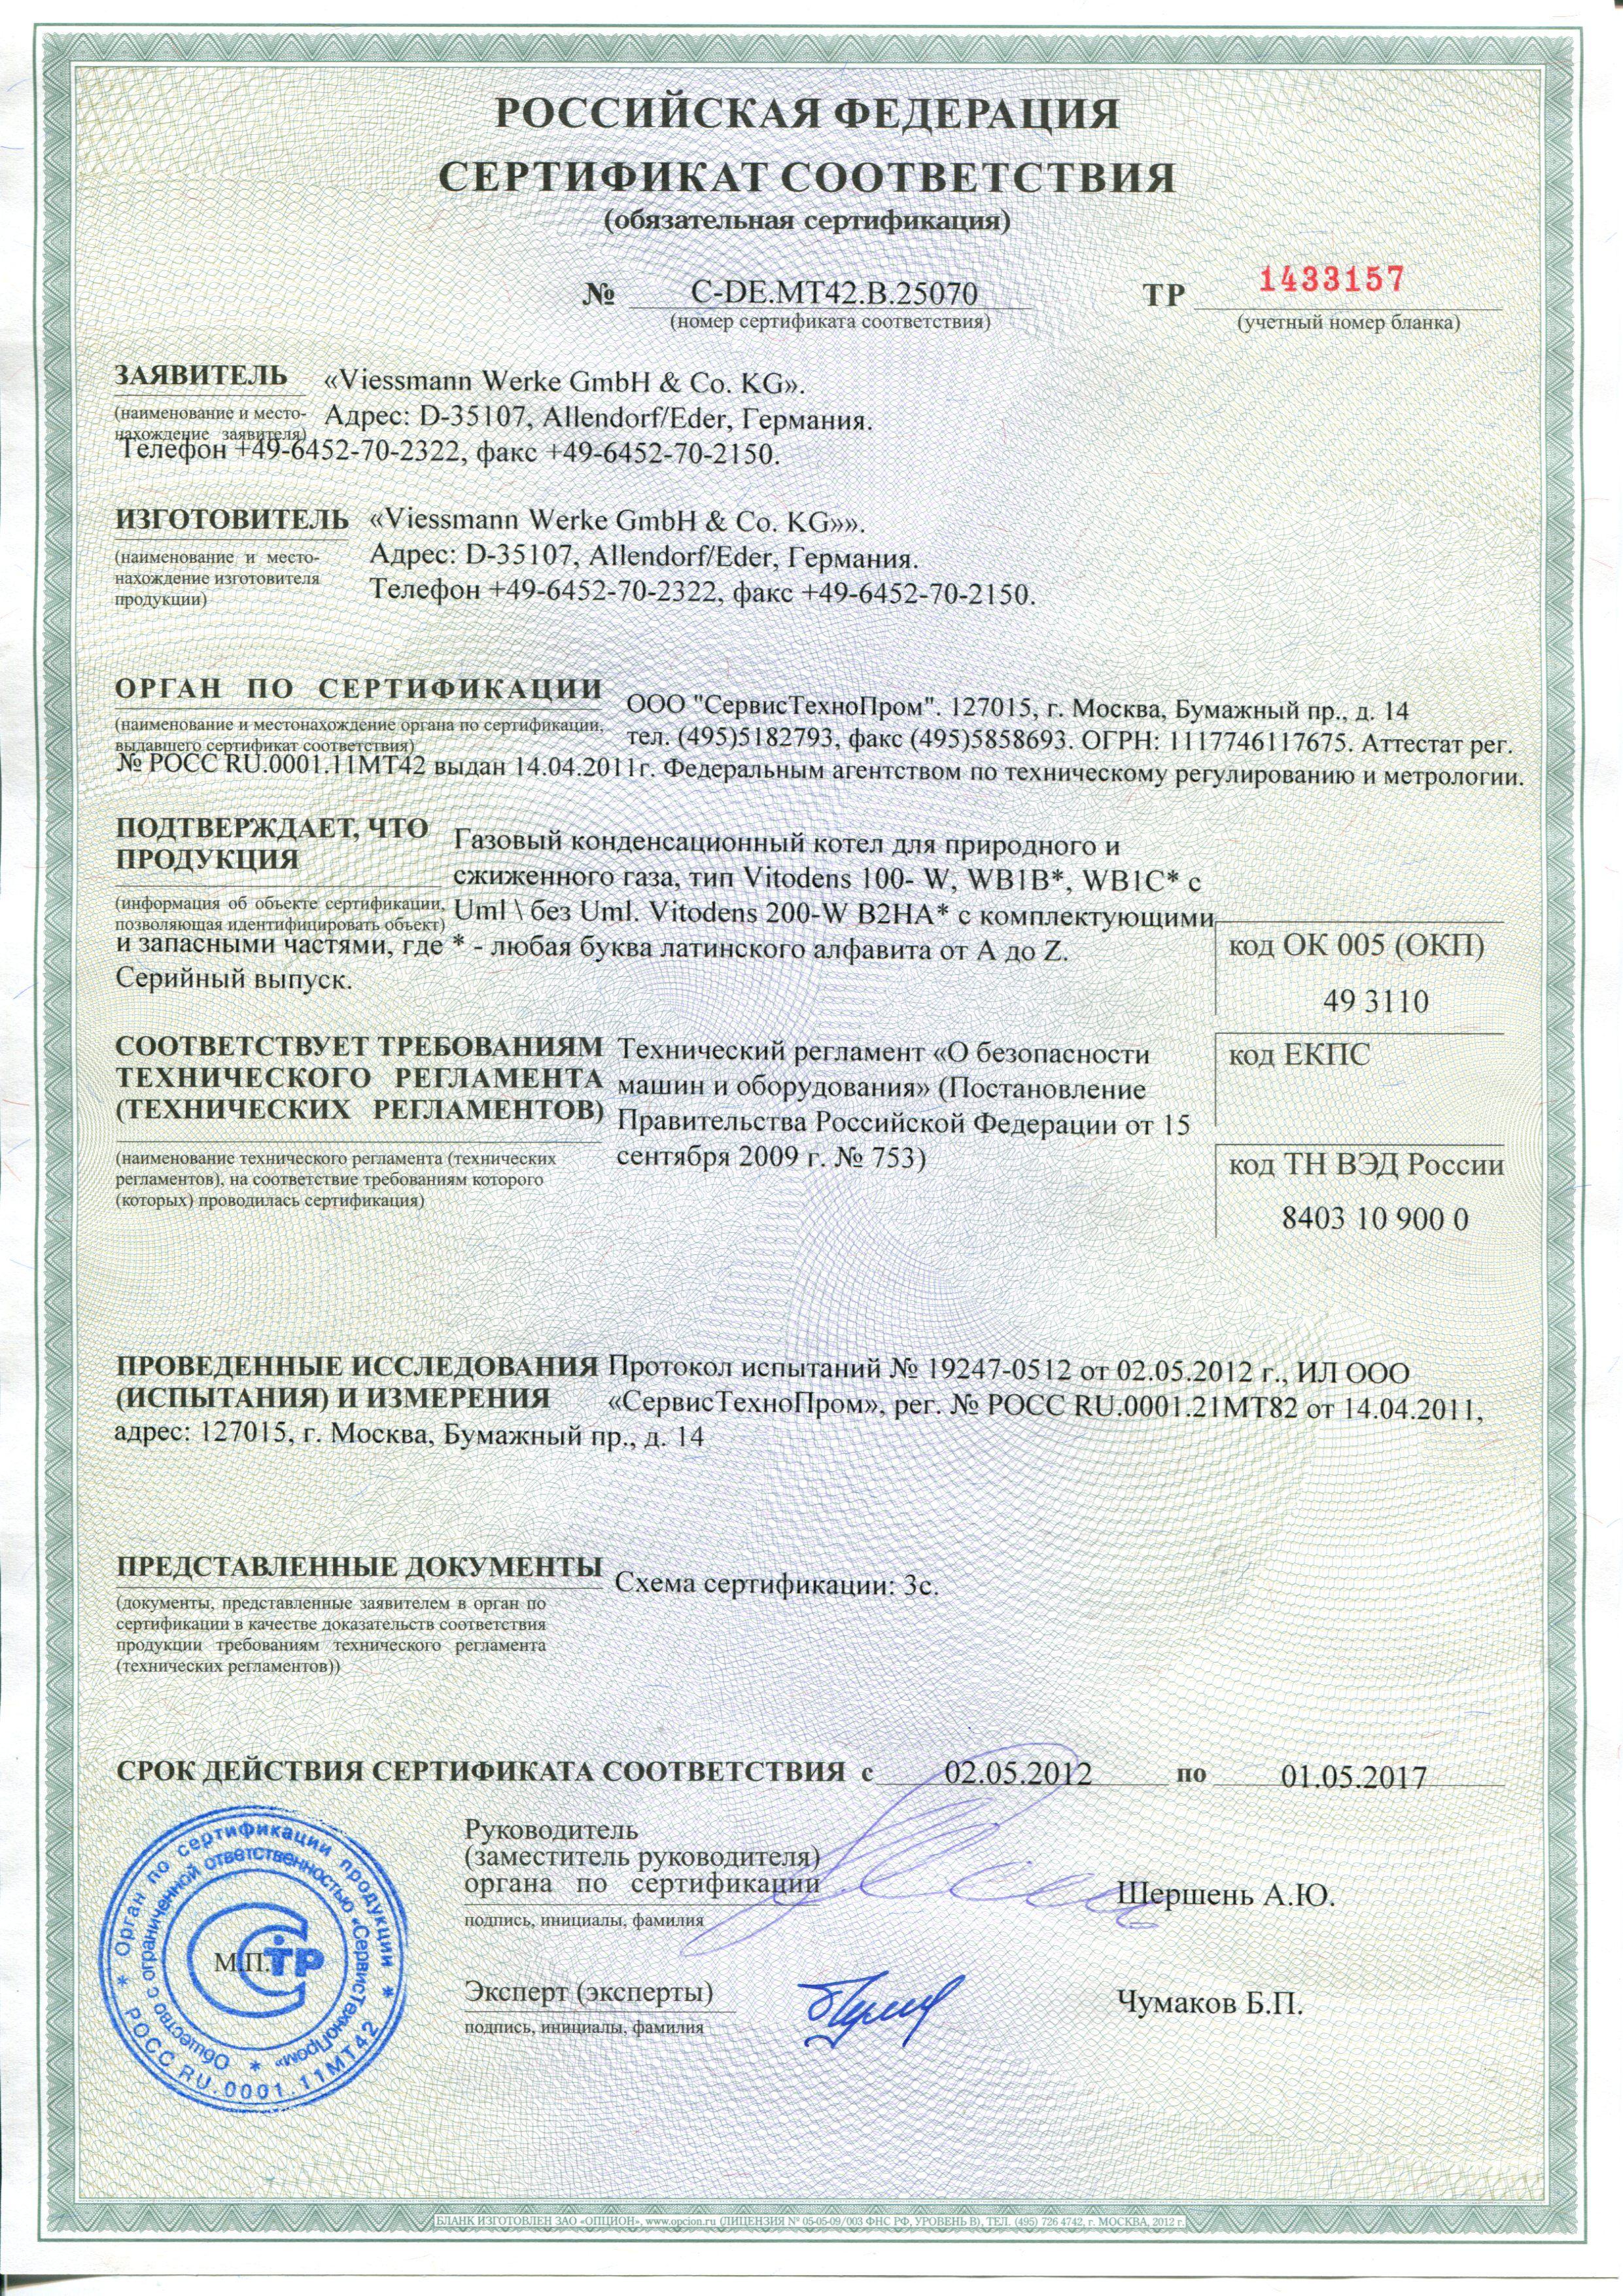 Котлы висман сертификат получение сертификата предрейсовый медосмотр